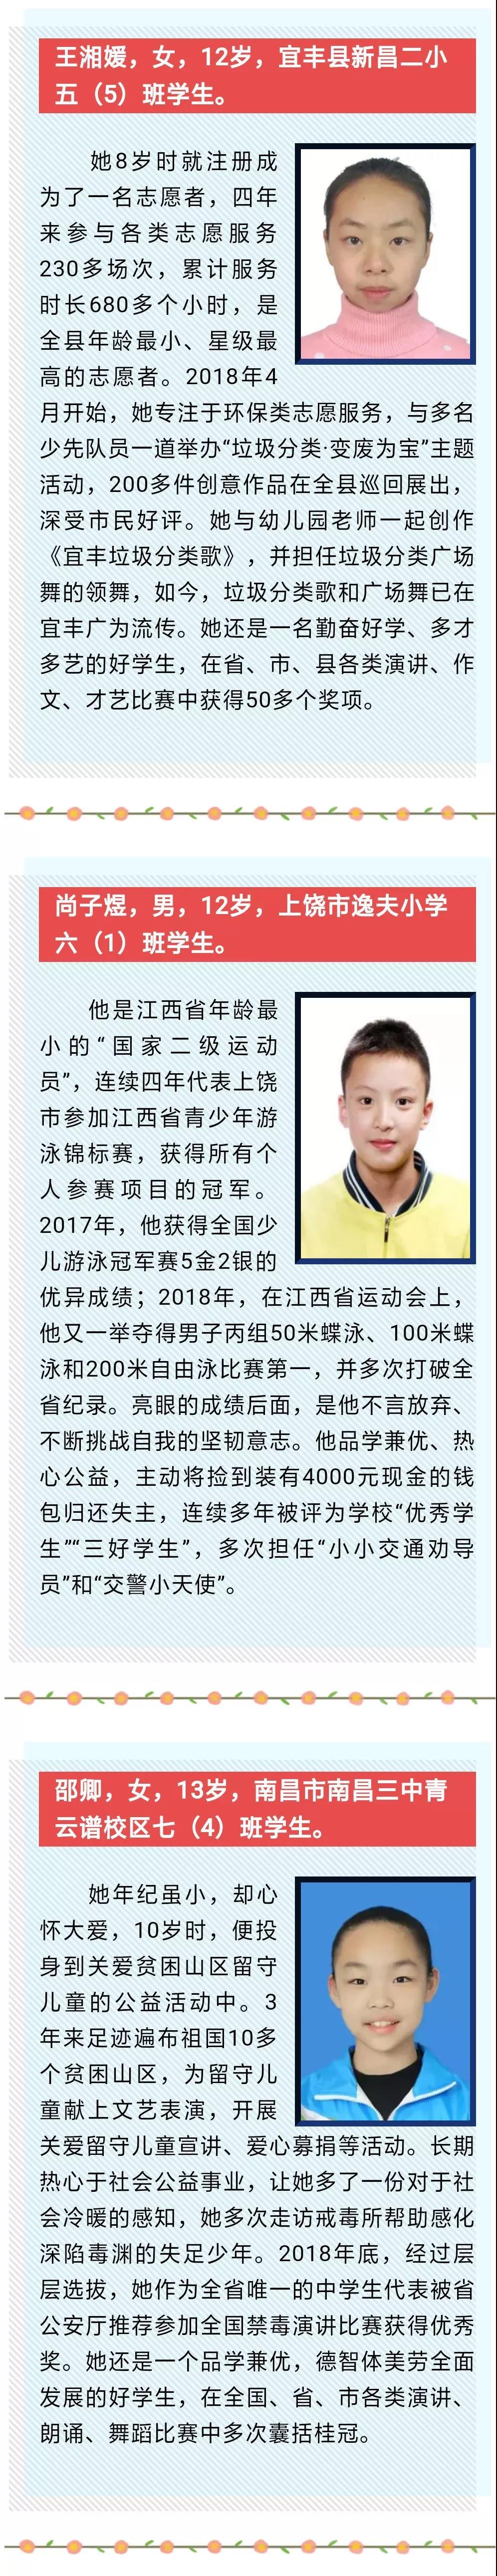 """2019年第一批江西省""""新时代好少年""""名单公布,我市一名学生入选!"""